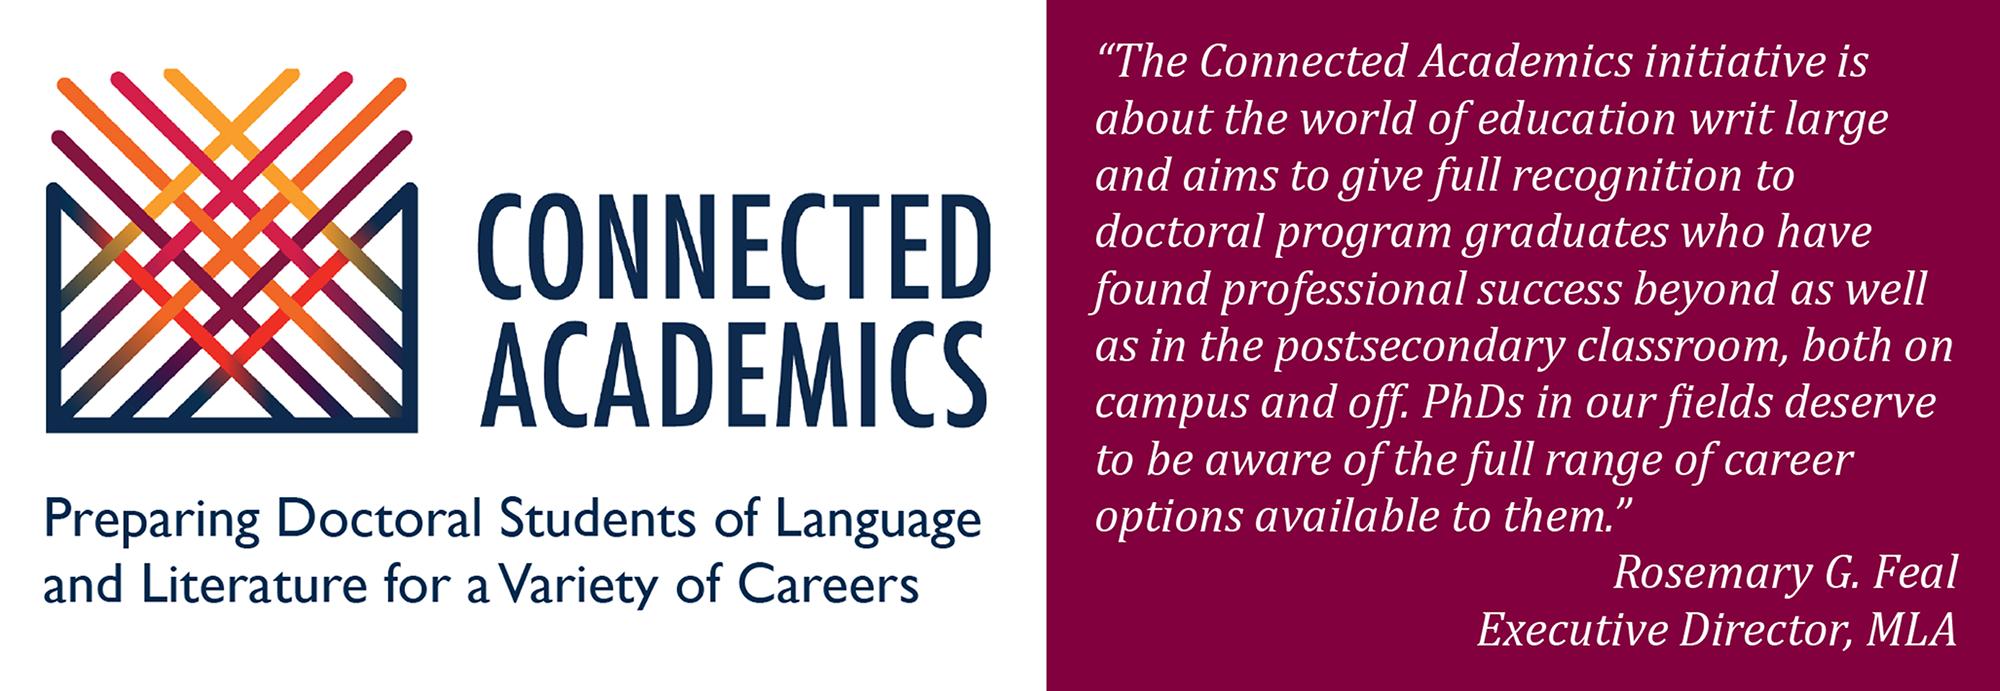 ConnectedAcademics_info